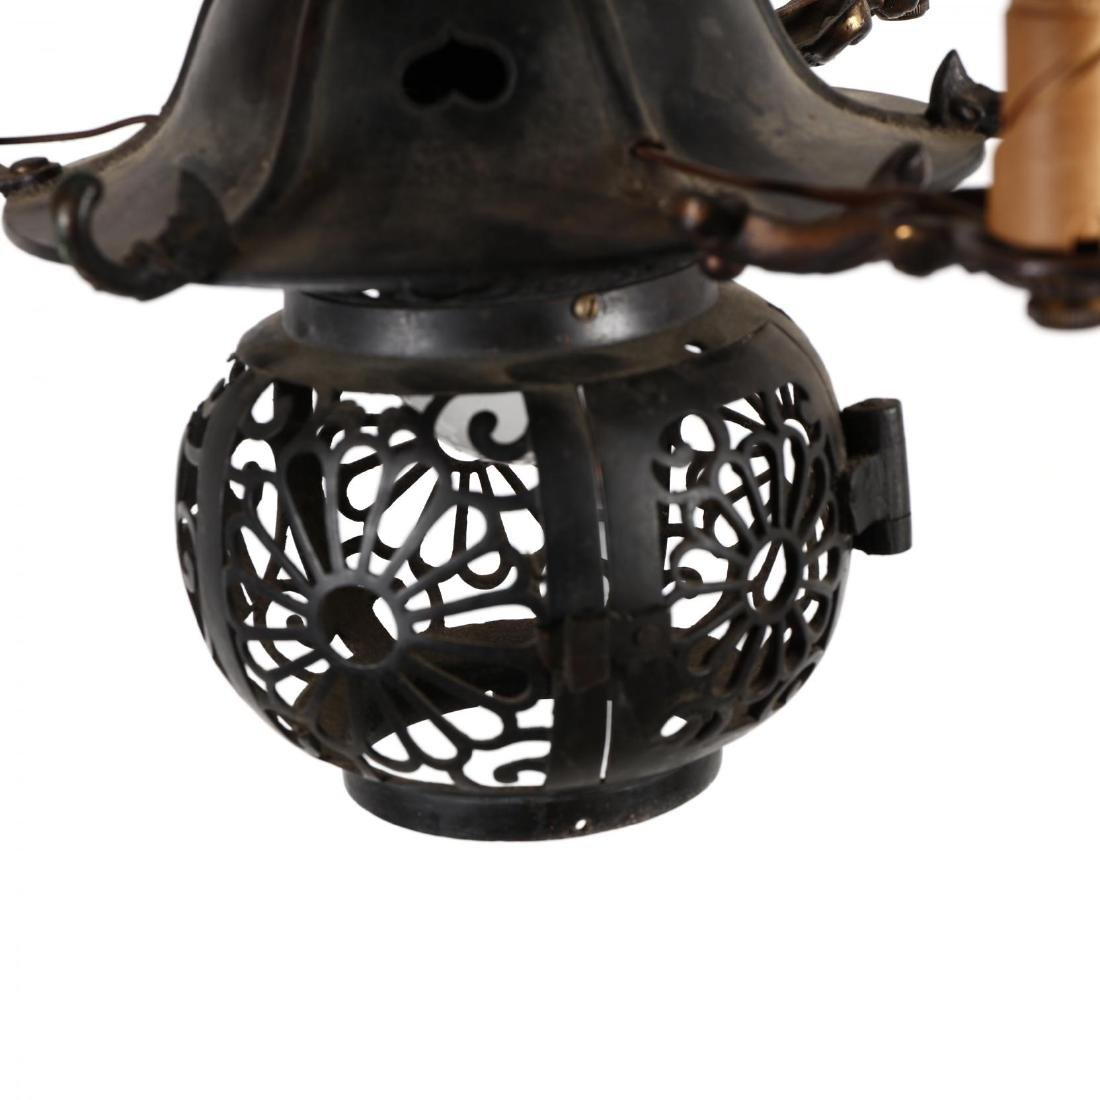 Vintage Japanese Lantern Hanging Light - 2